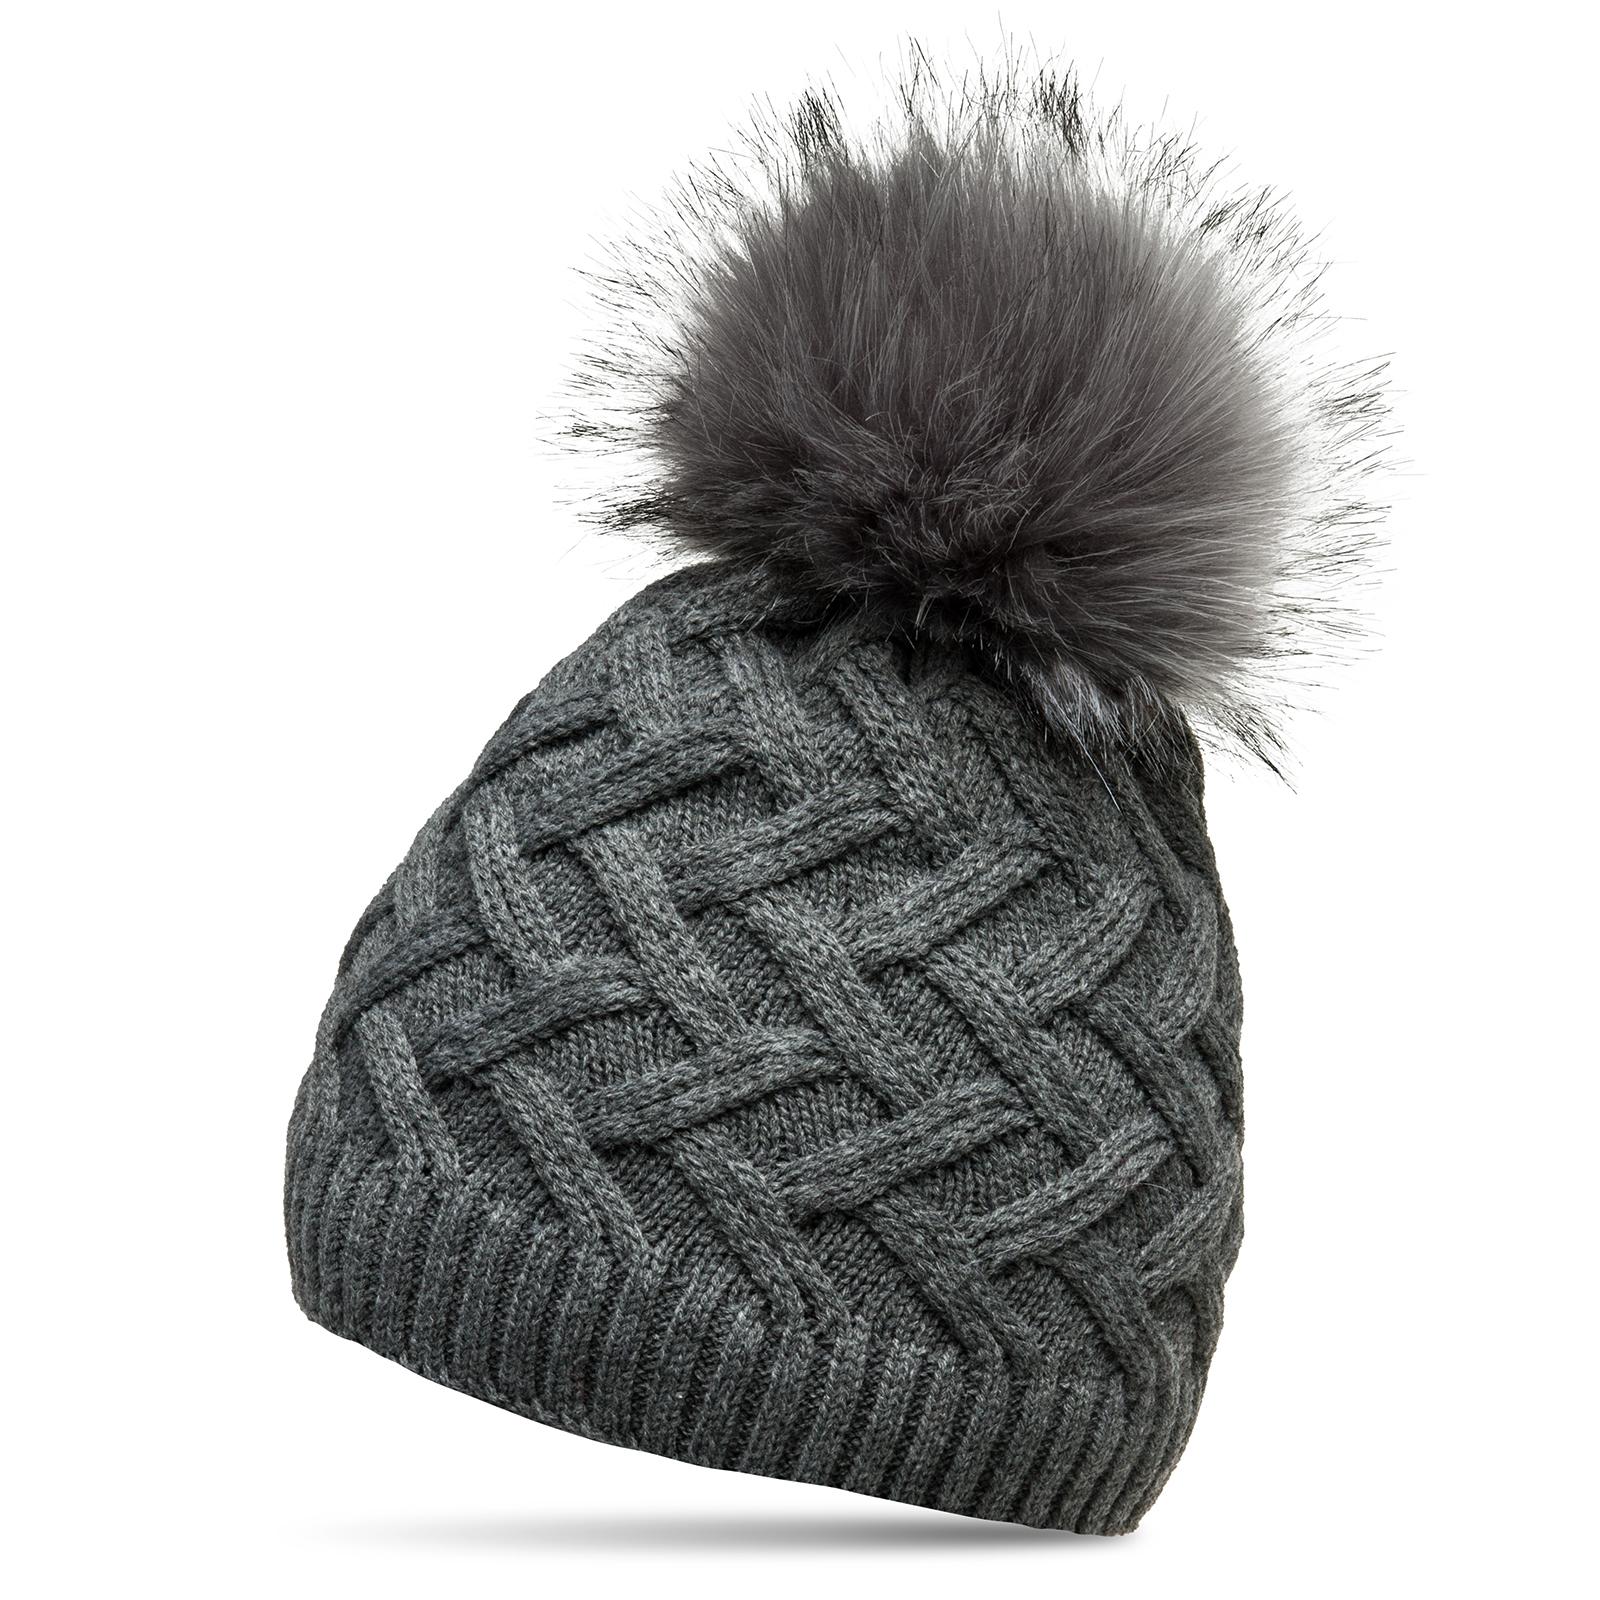 01c63c2b963 Details about CASPAR MU168 Women Winter Bobble Hat Fleece Lining Faux Fur  Pom Pom Cable Knit